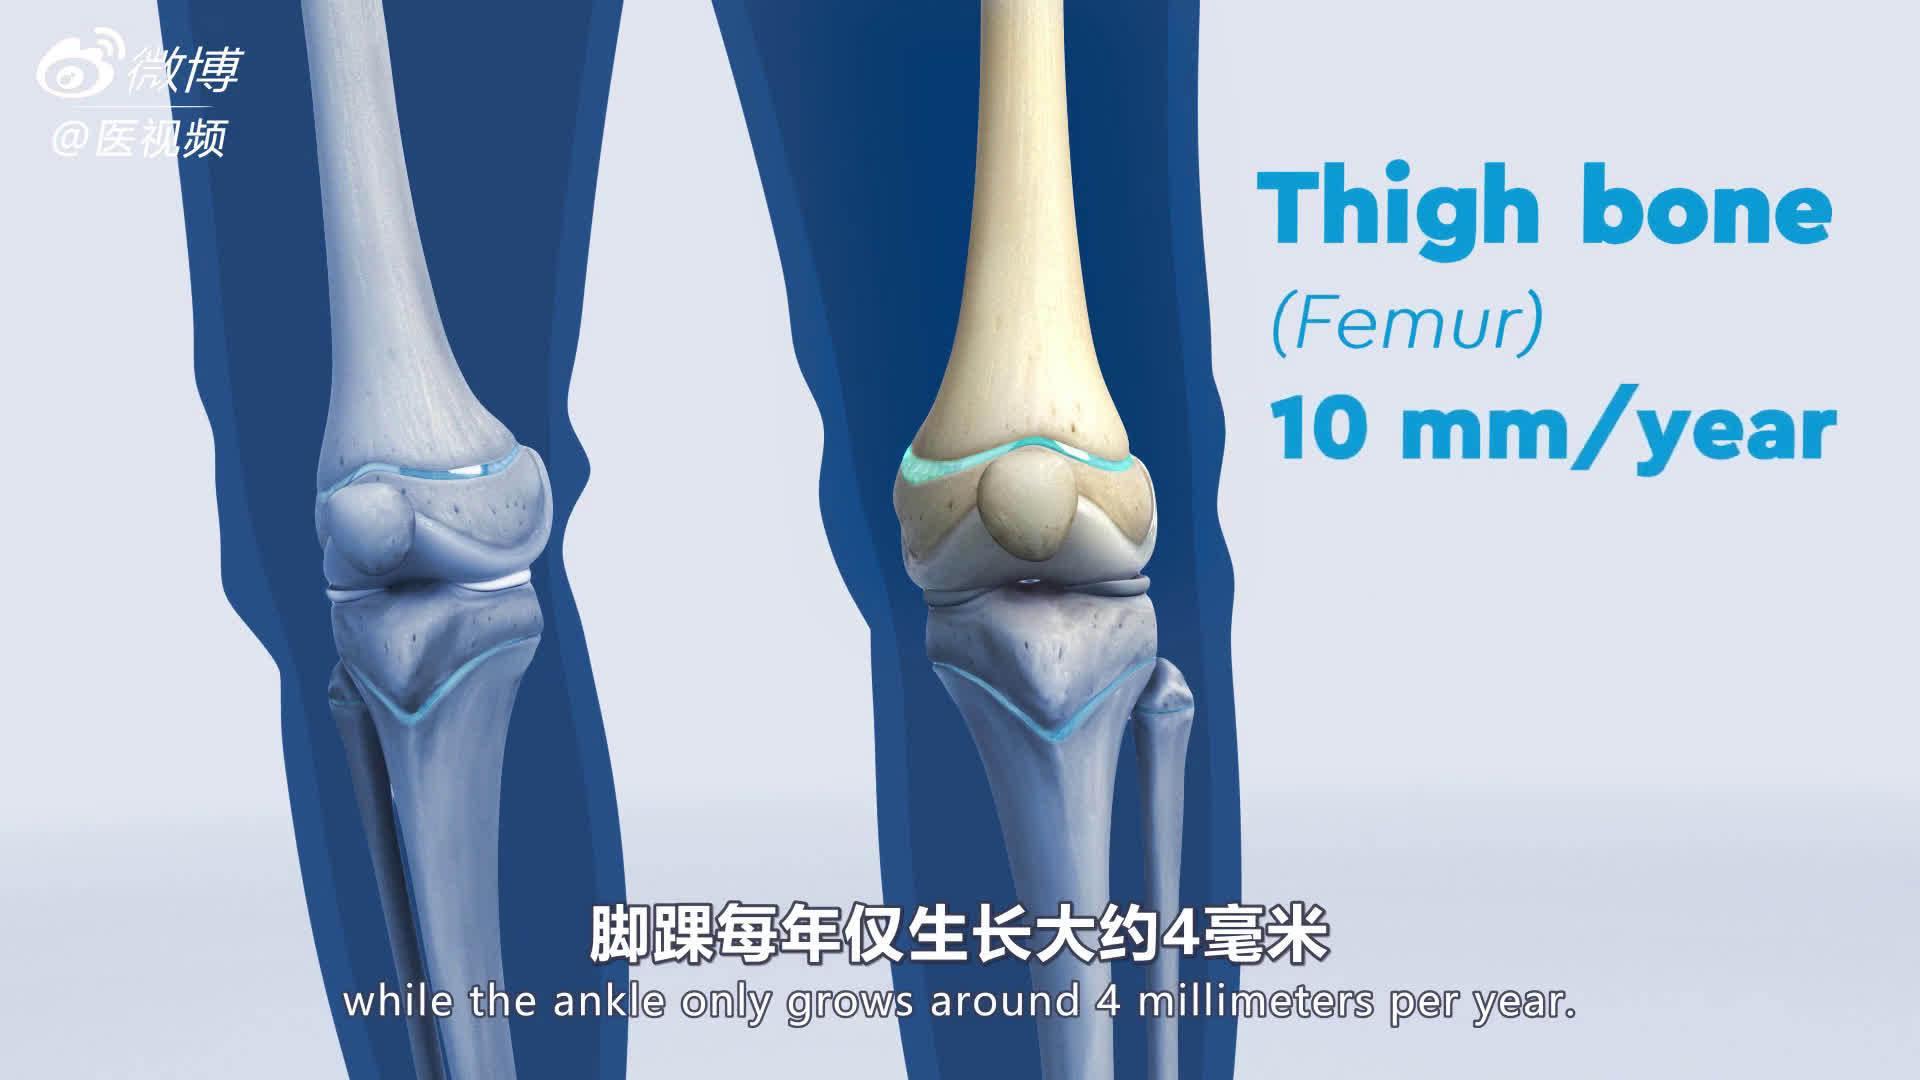 医学双语科普:骨骼生长和下肢畸形 视频翻译by@xyslyl 儿童的长